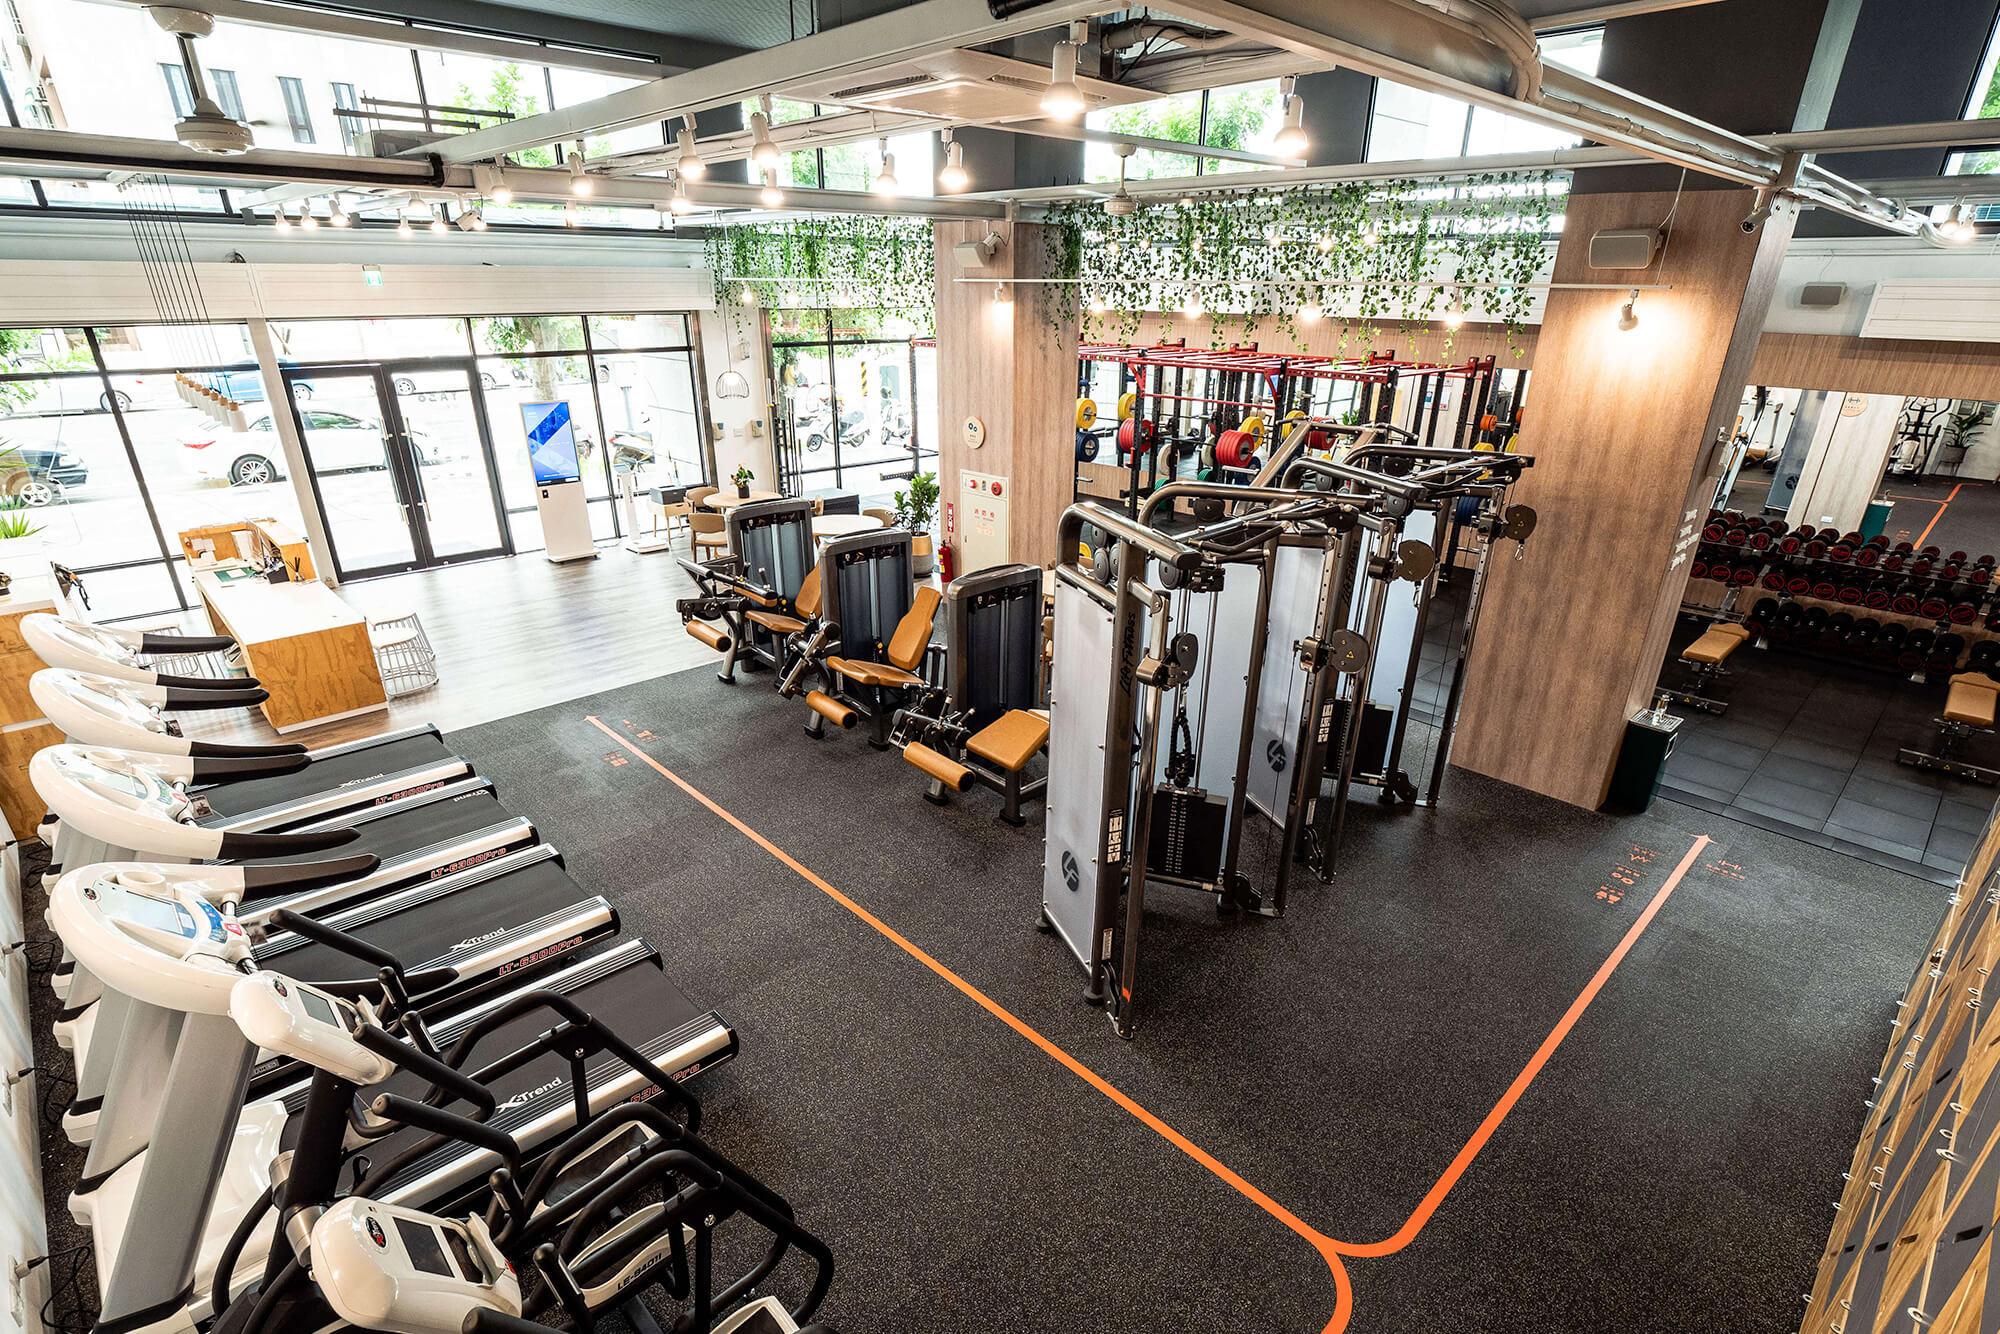 嘉義健身房室內空間設計-挑高設計|塔索肌力與體能訓練中心